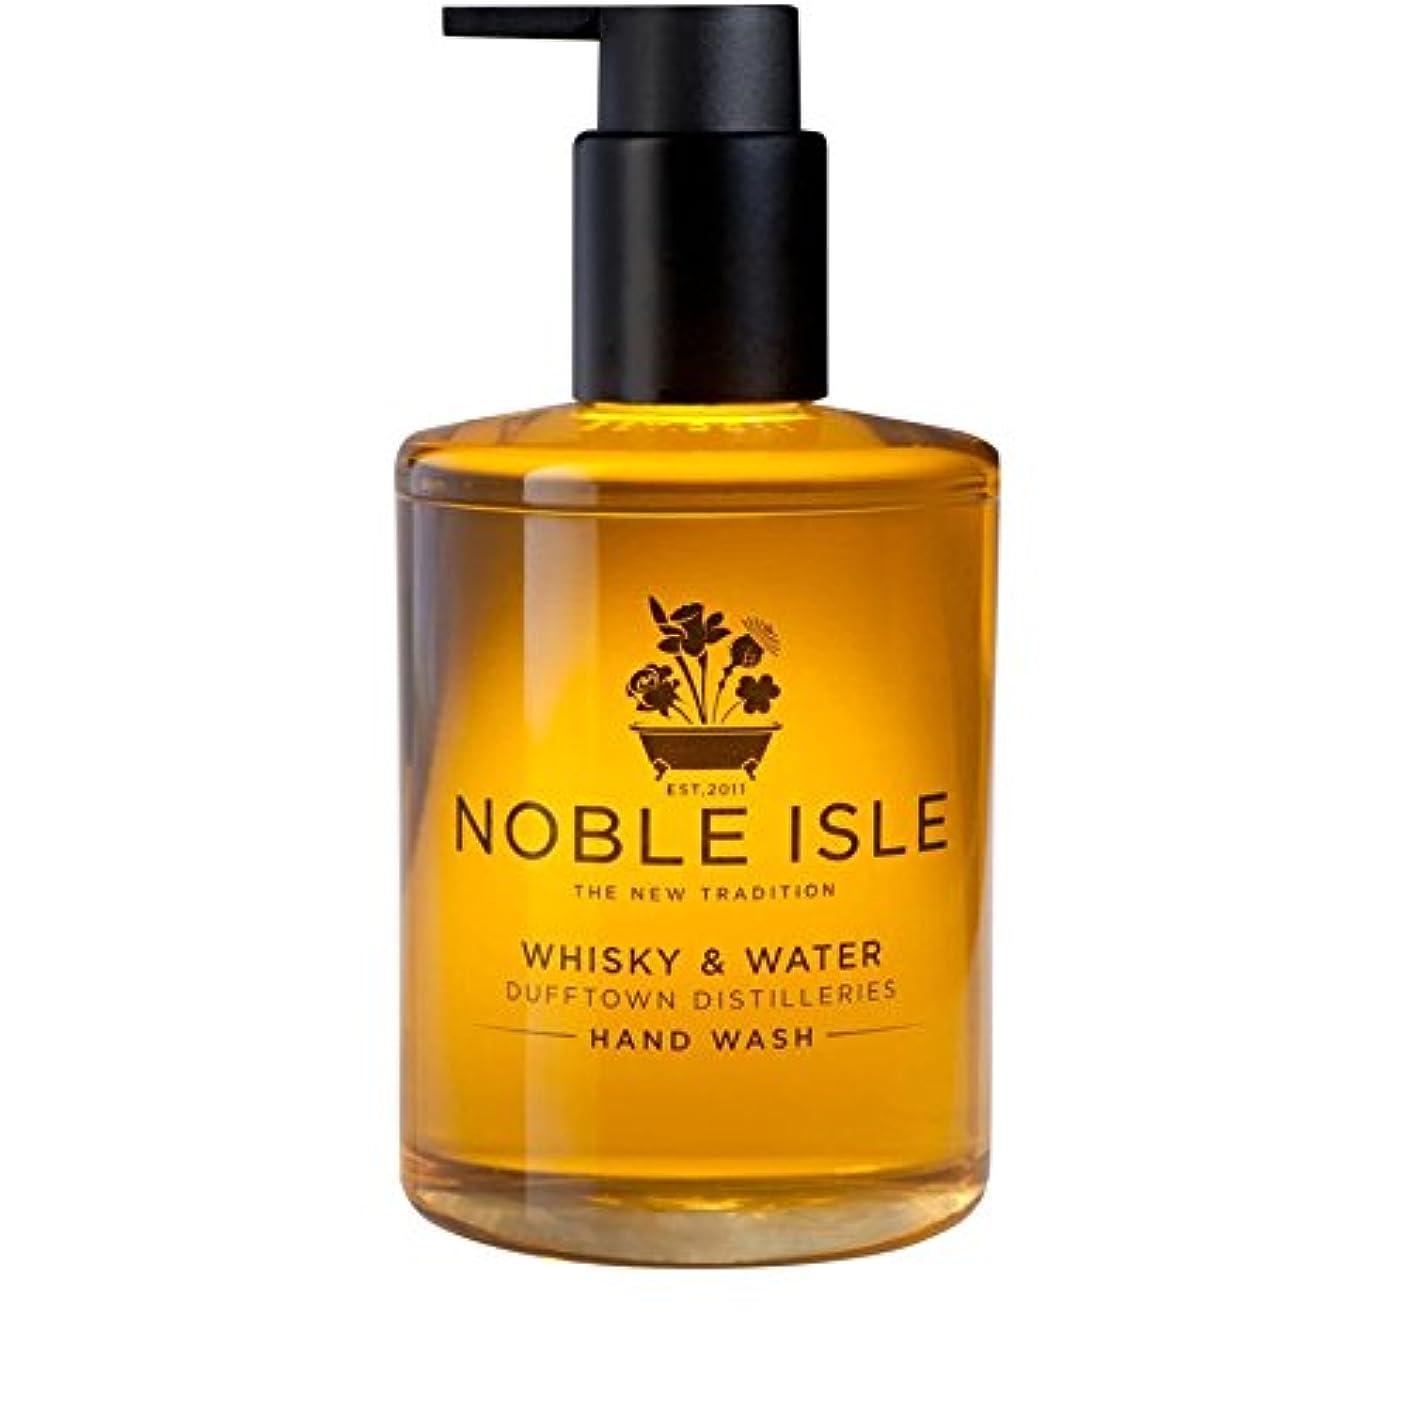 多年生小屋撤回するNoble Isle Whisky and Water Dufftown Distilleries Hand Wash 250ml - 高貴な島の水割りの蒸留所のハンドウォッシュ250ミリリットル [並行輸入品]